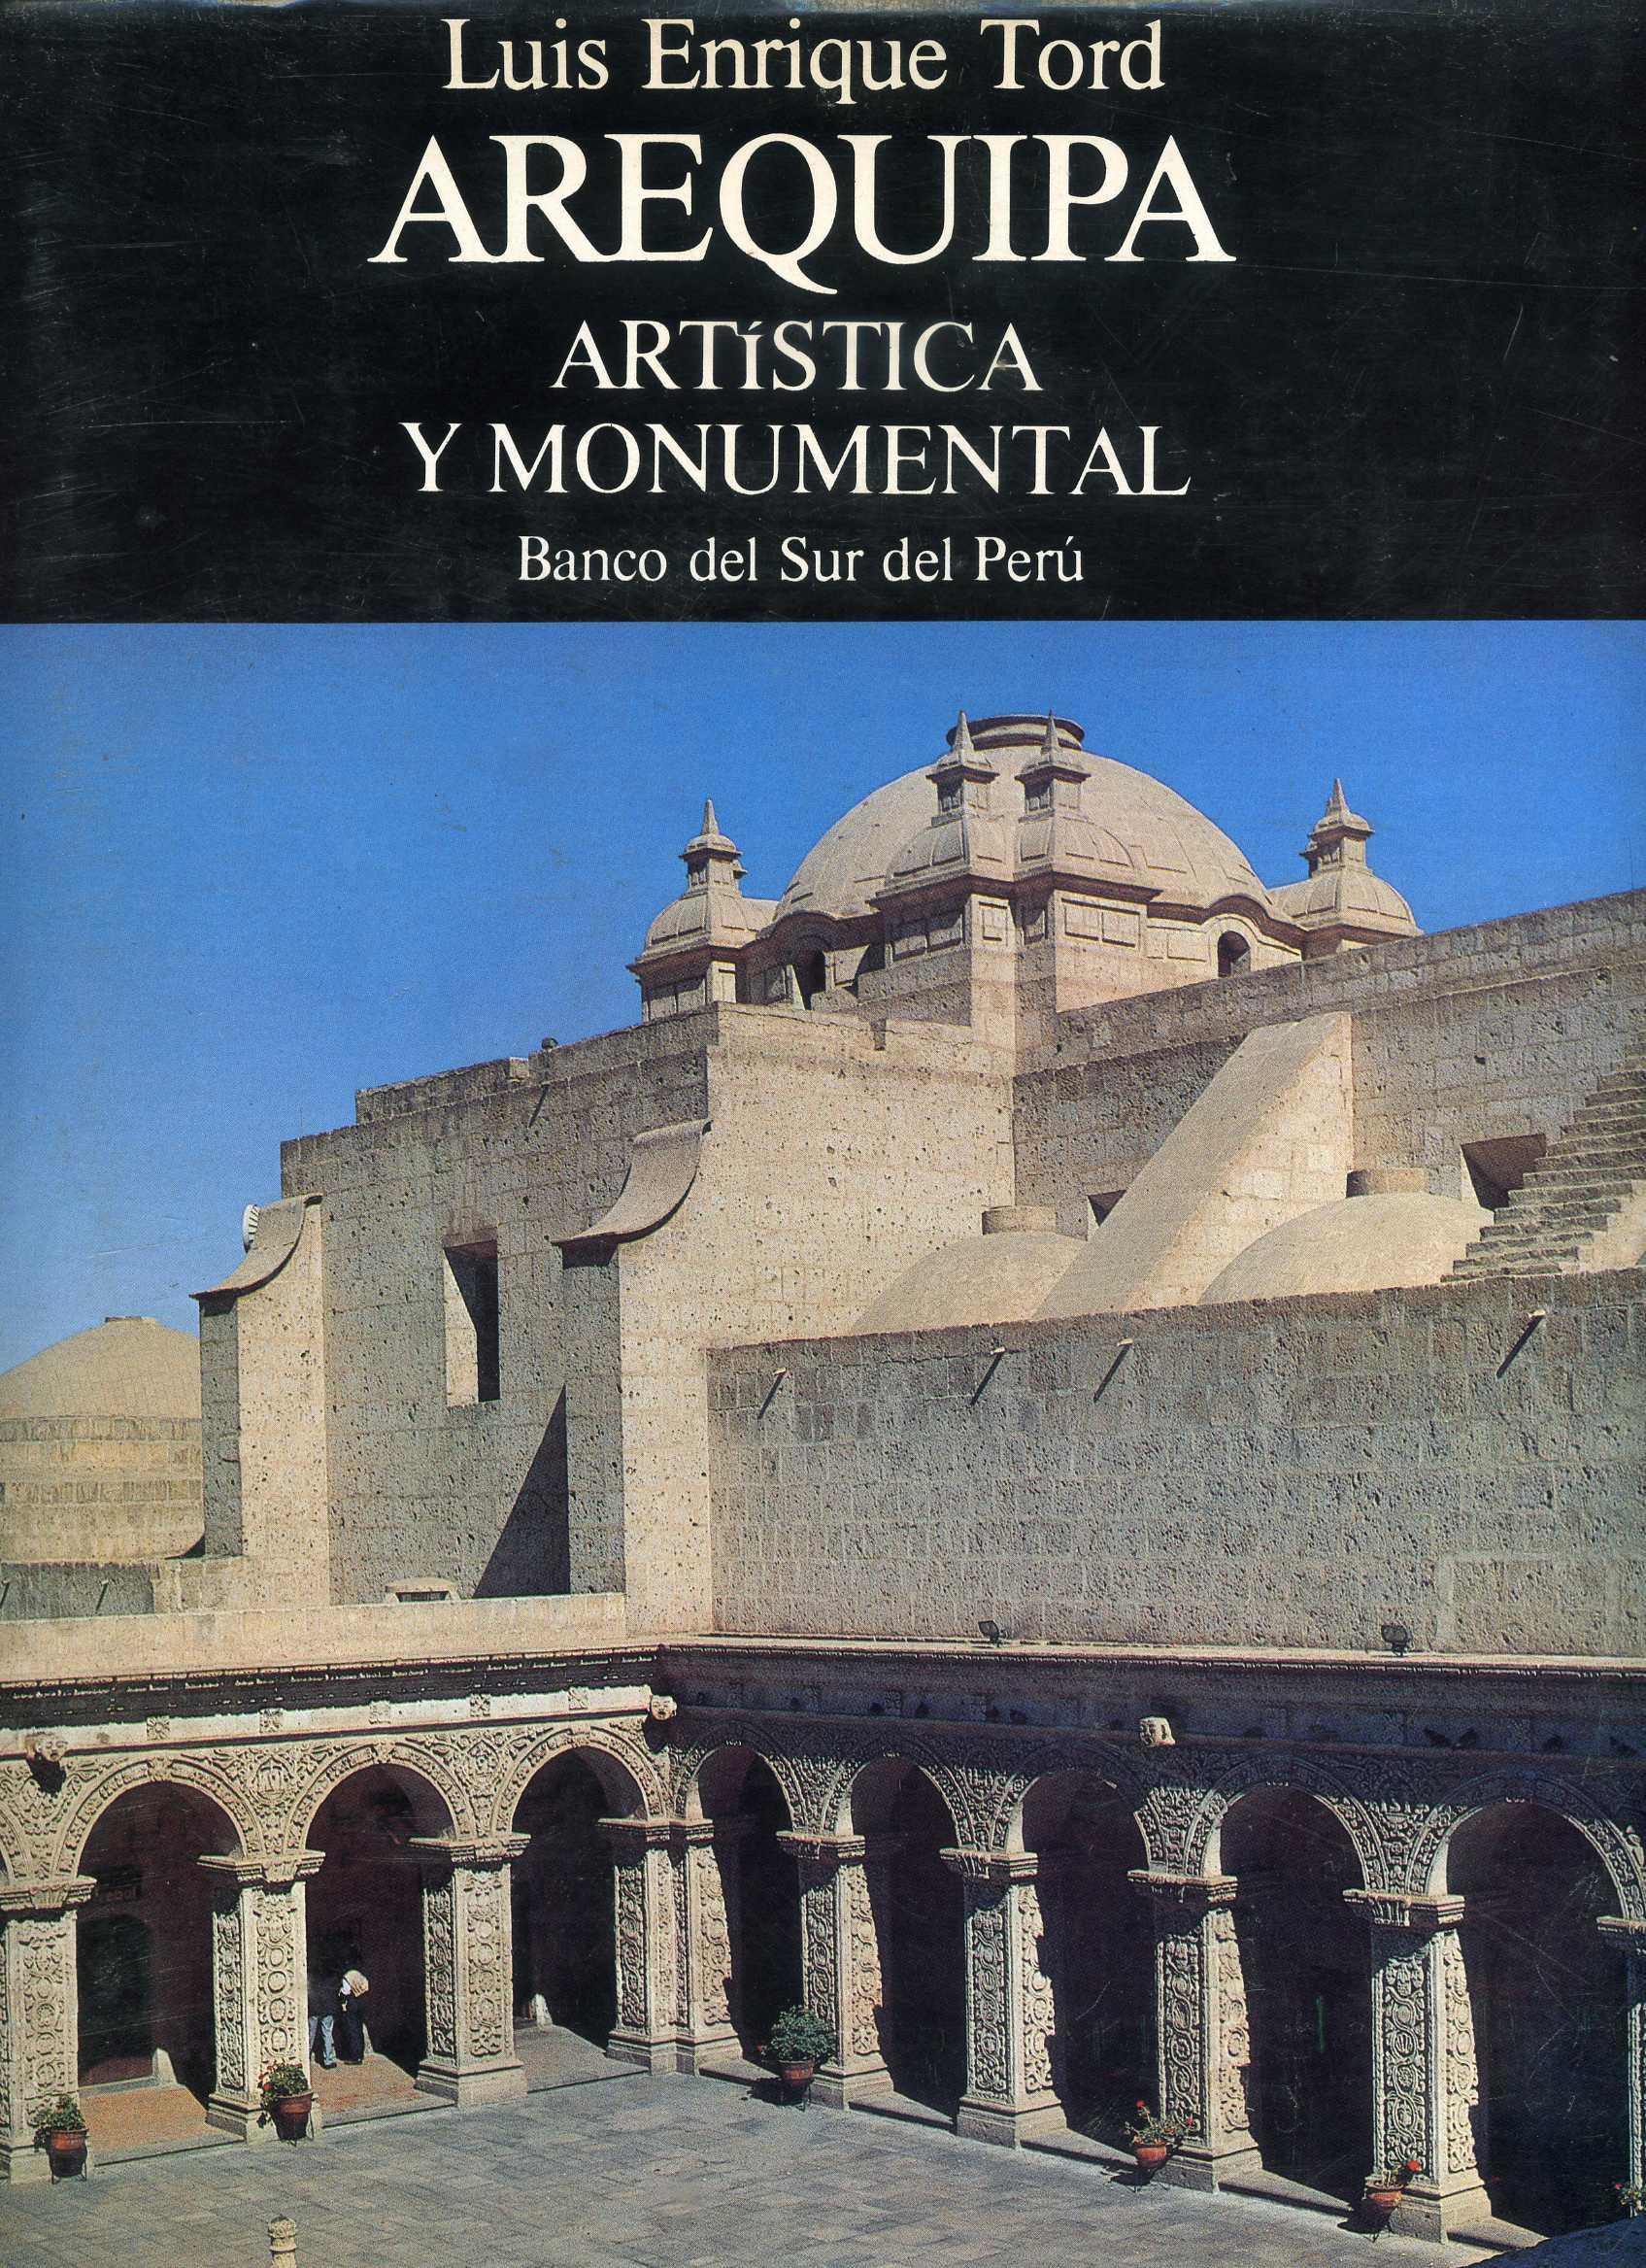 Arequipa artística y monumental